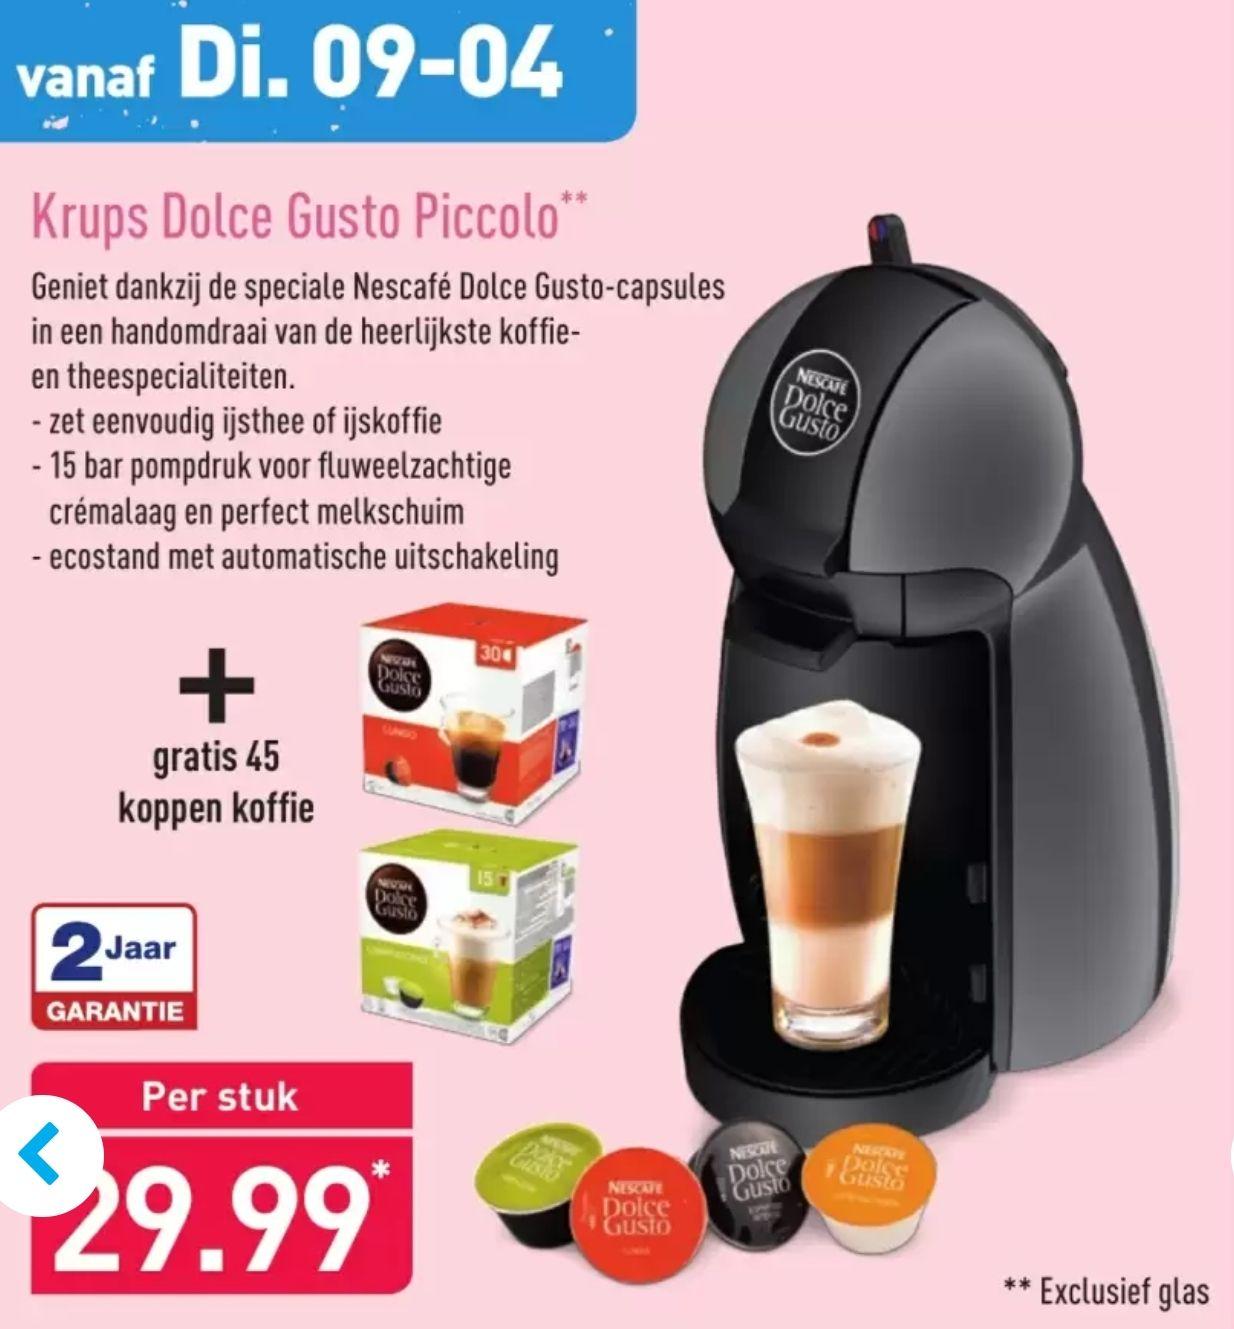 Krups Dolce Gusto Piccolo + gratis 45 cups @Aldi